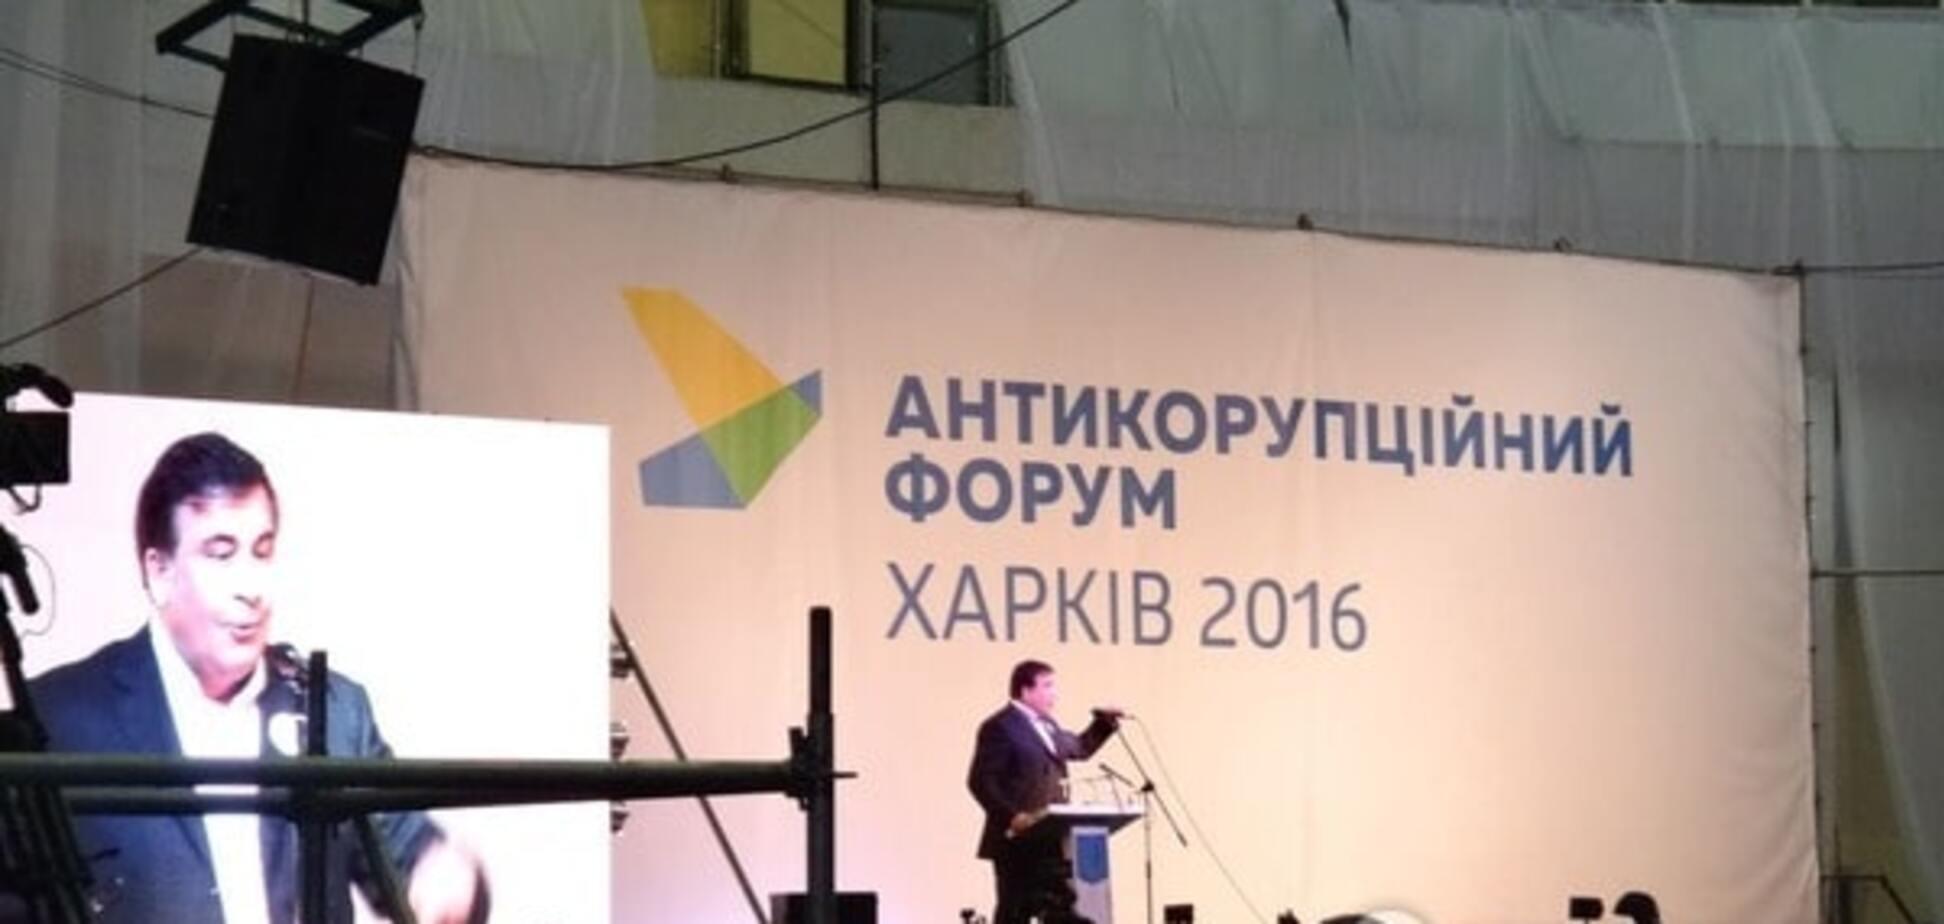 Антикорупційний форум у Харкові: віскі, глінтвейн, снікерси і суцільний PR